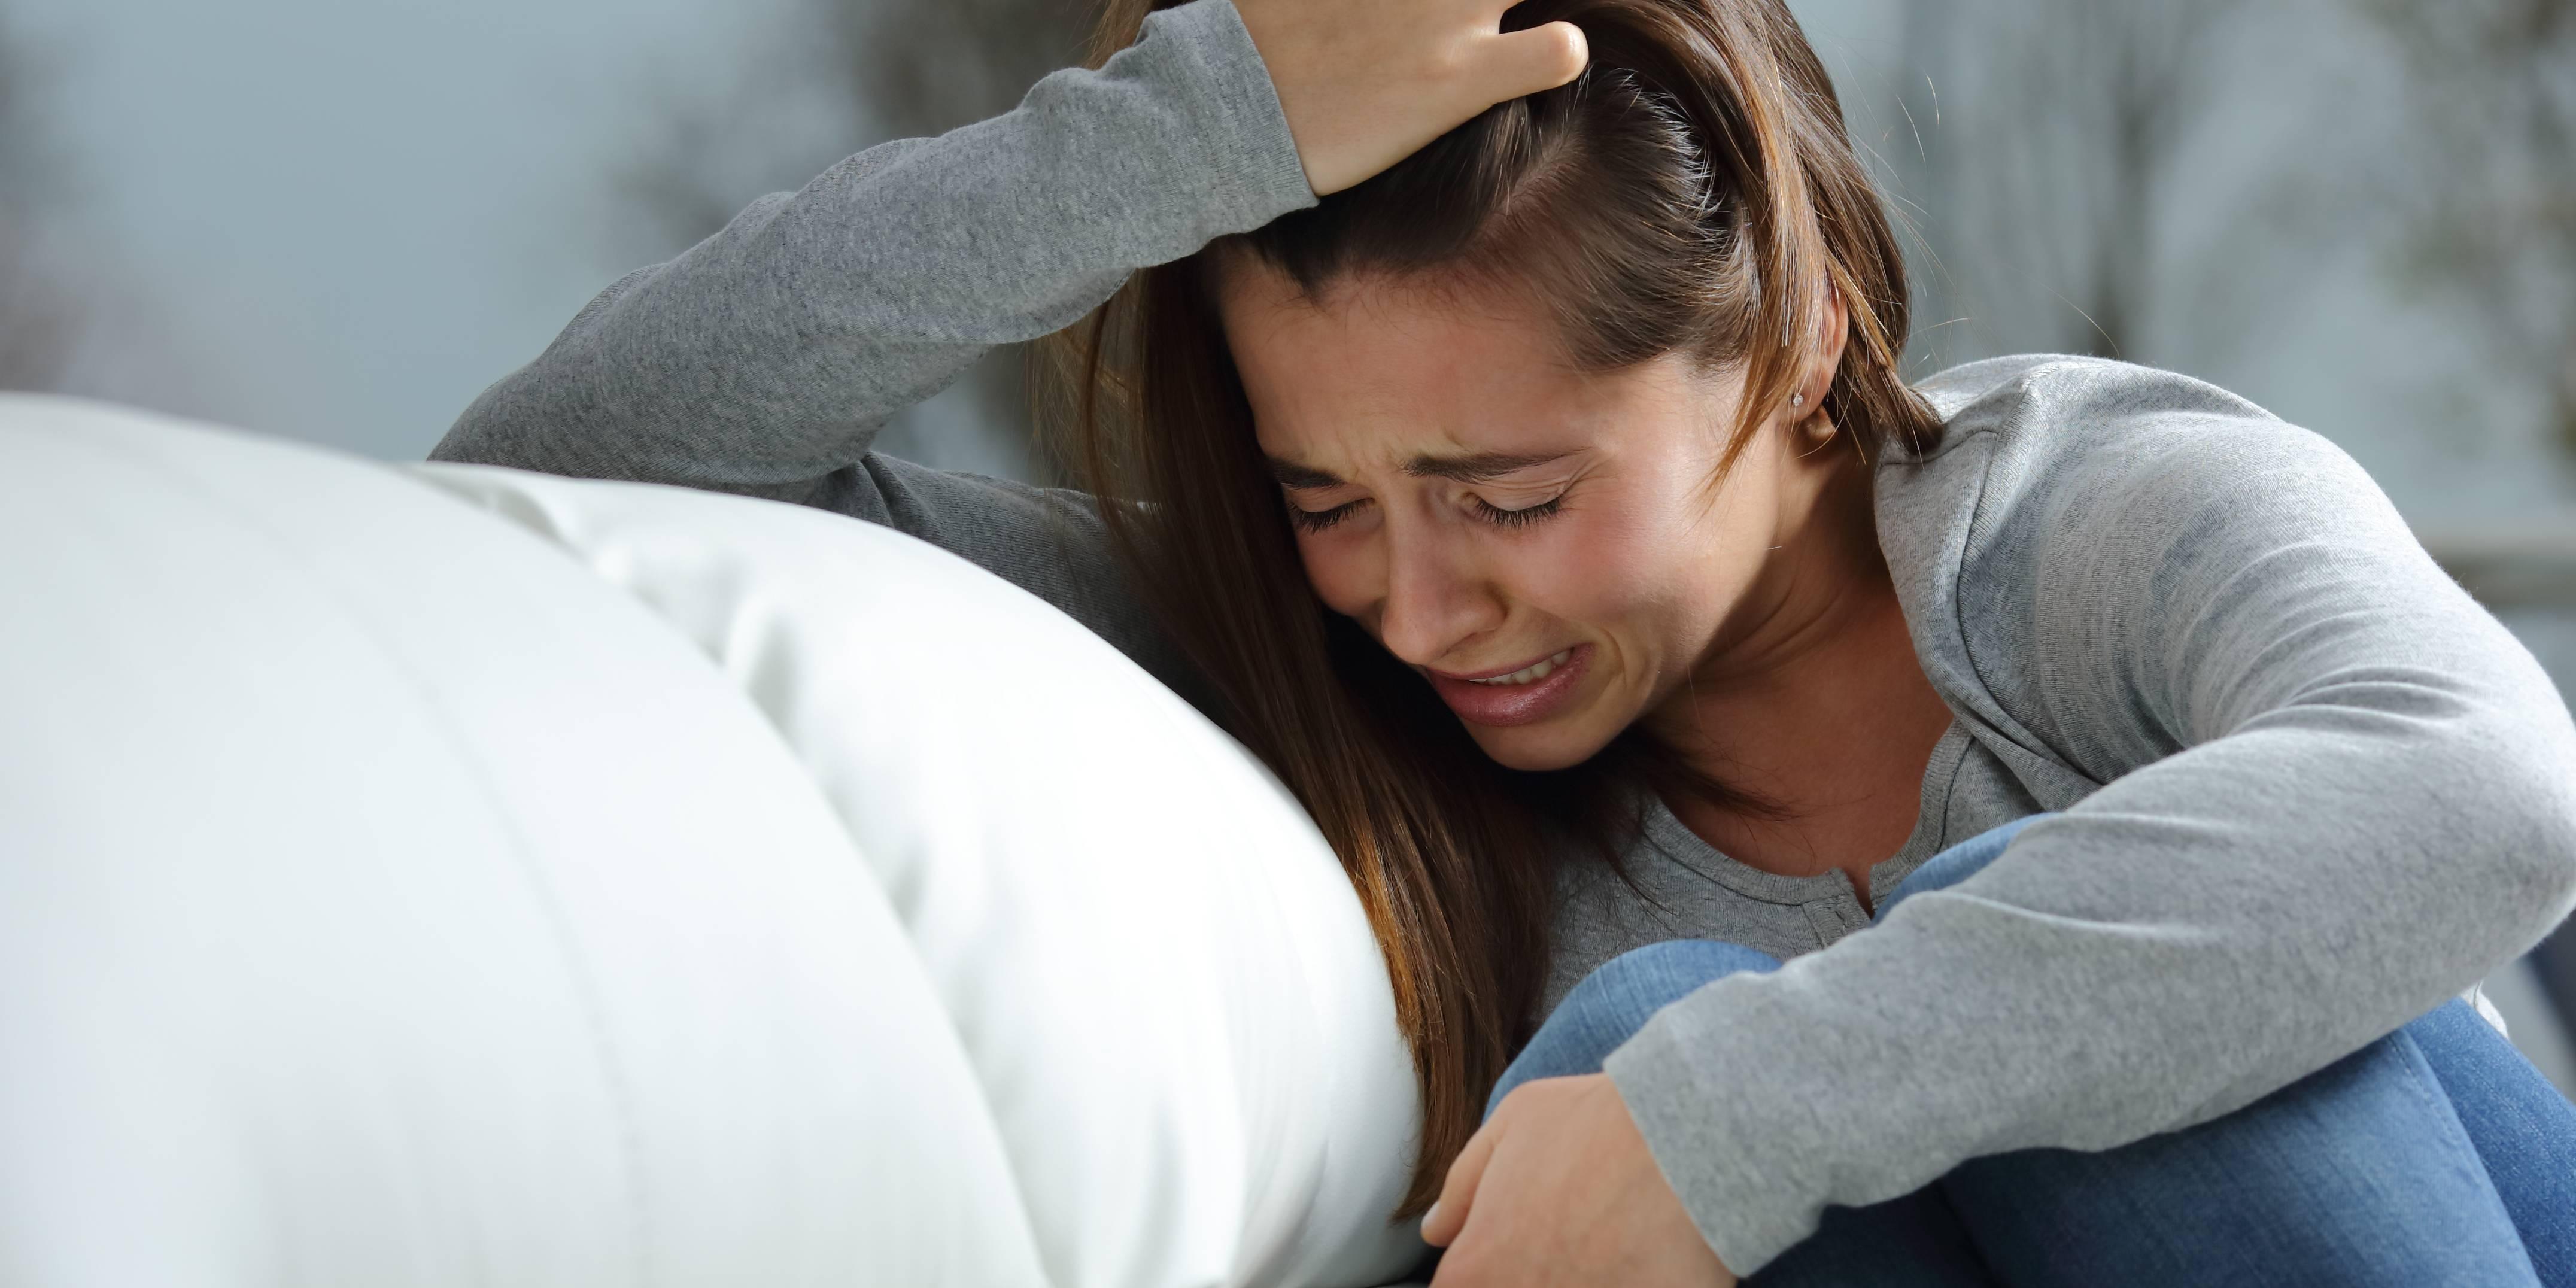 Есть ли оправдание мужчине, бросившему беременную жену? - мир отношений - медиаплатформа миртесен